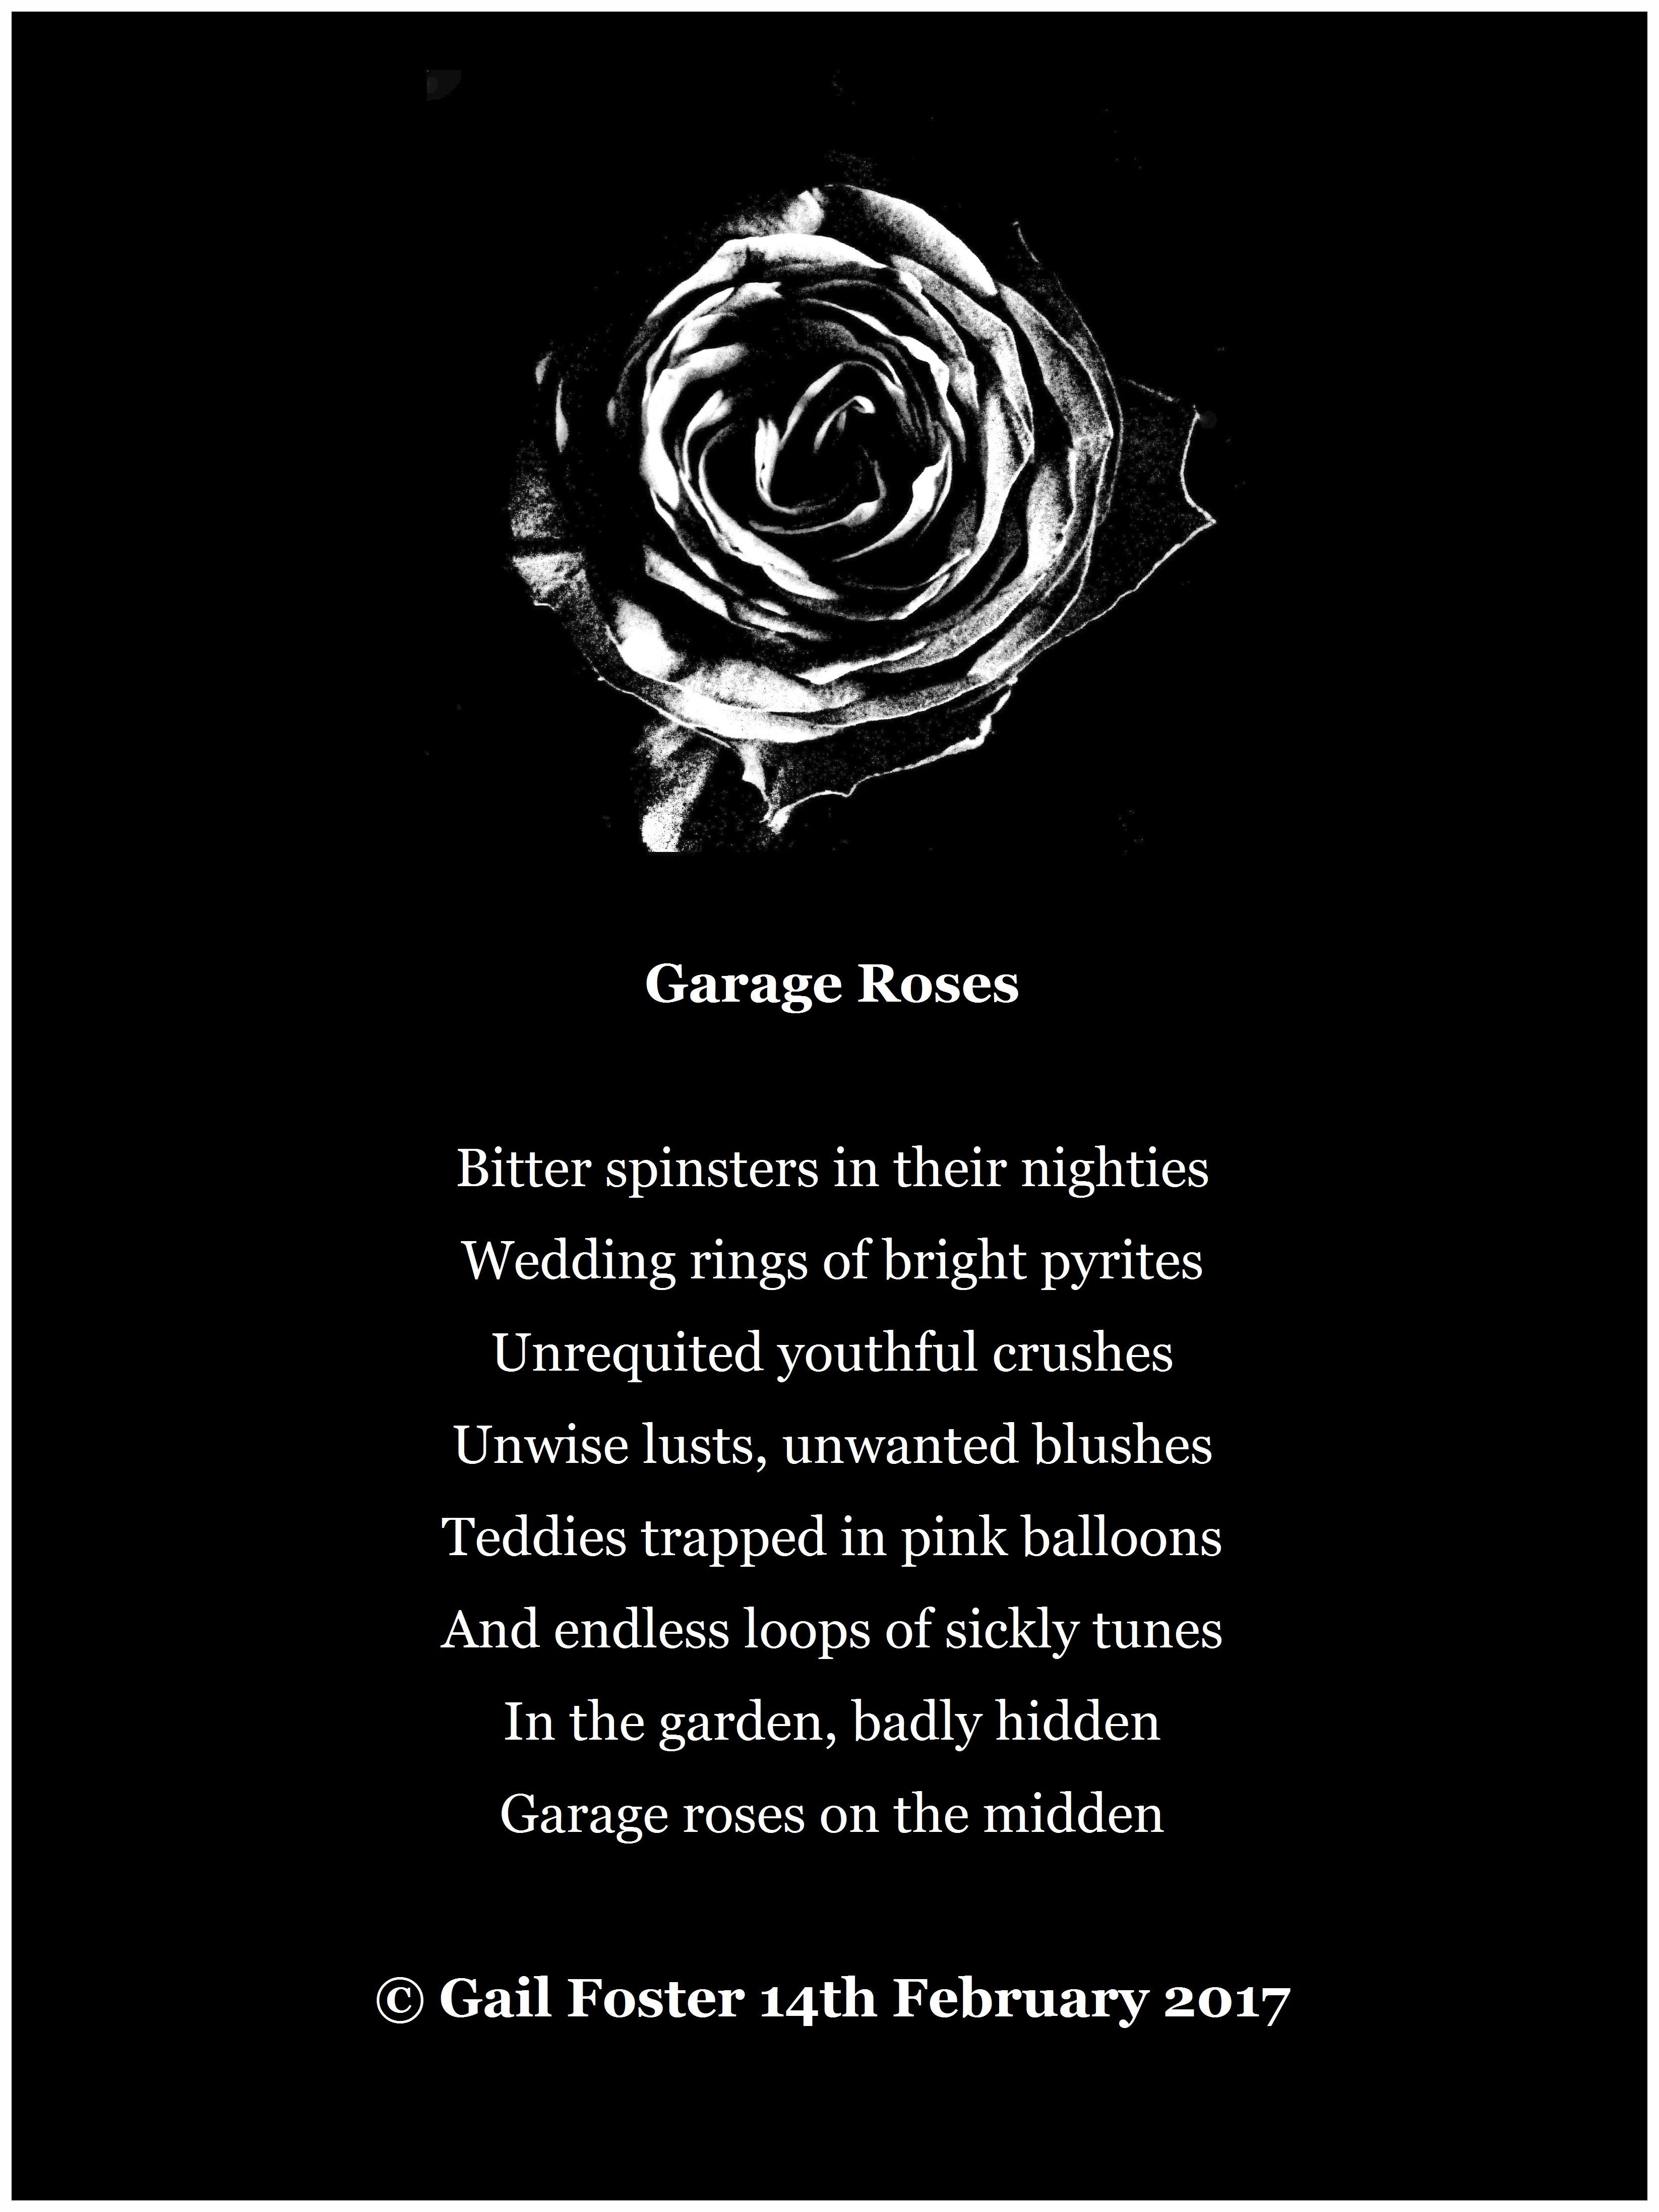 garage-roses-1